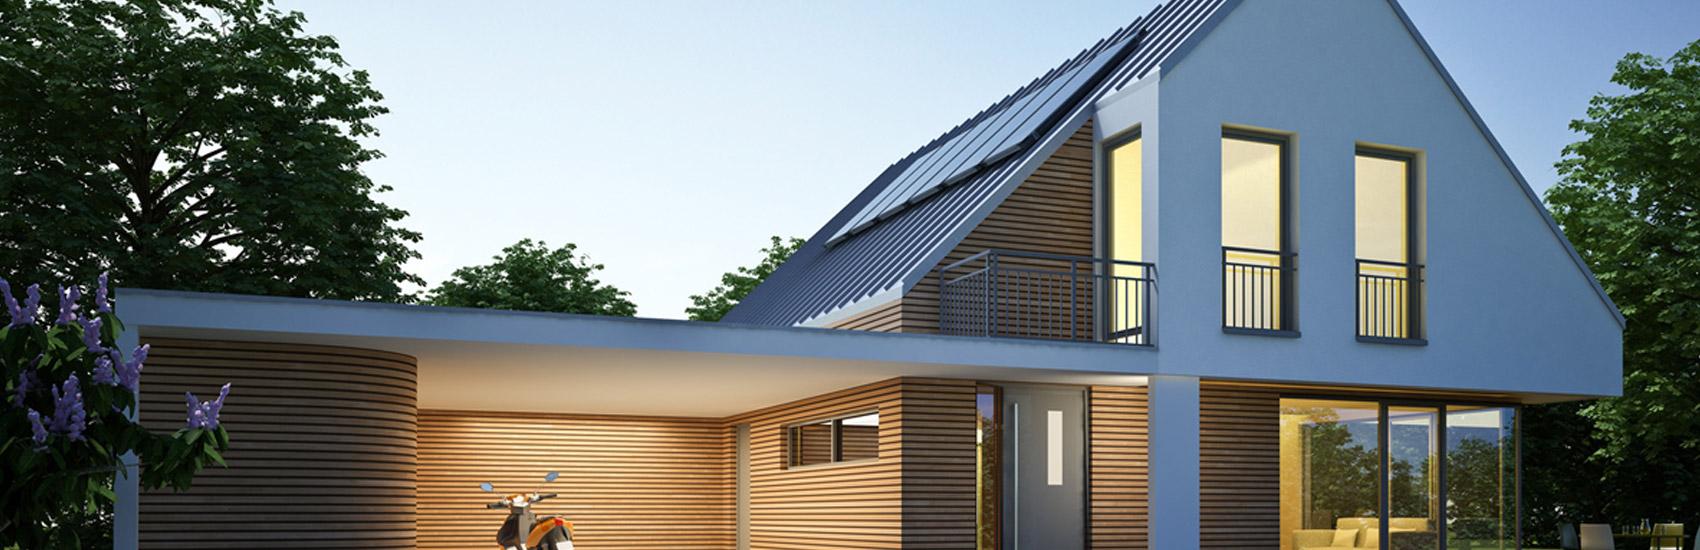 Pielsticker Fur Dach Und Fassade